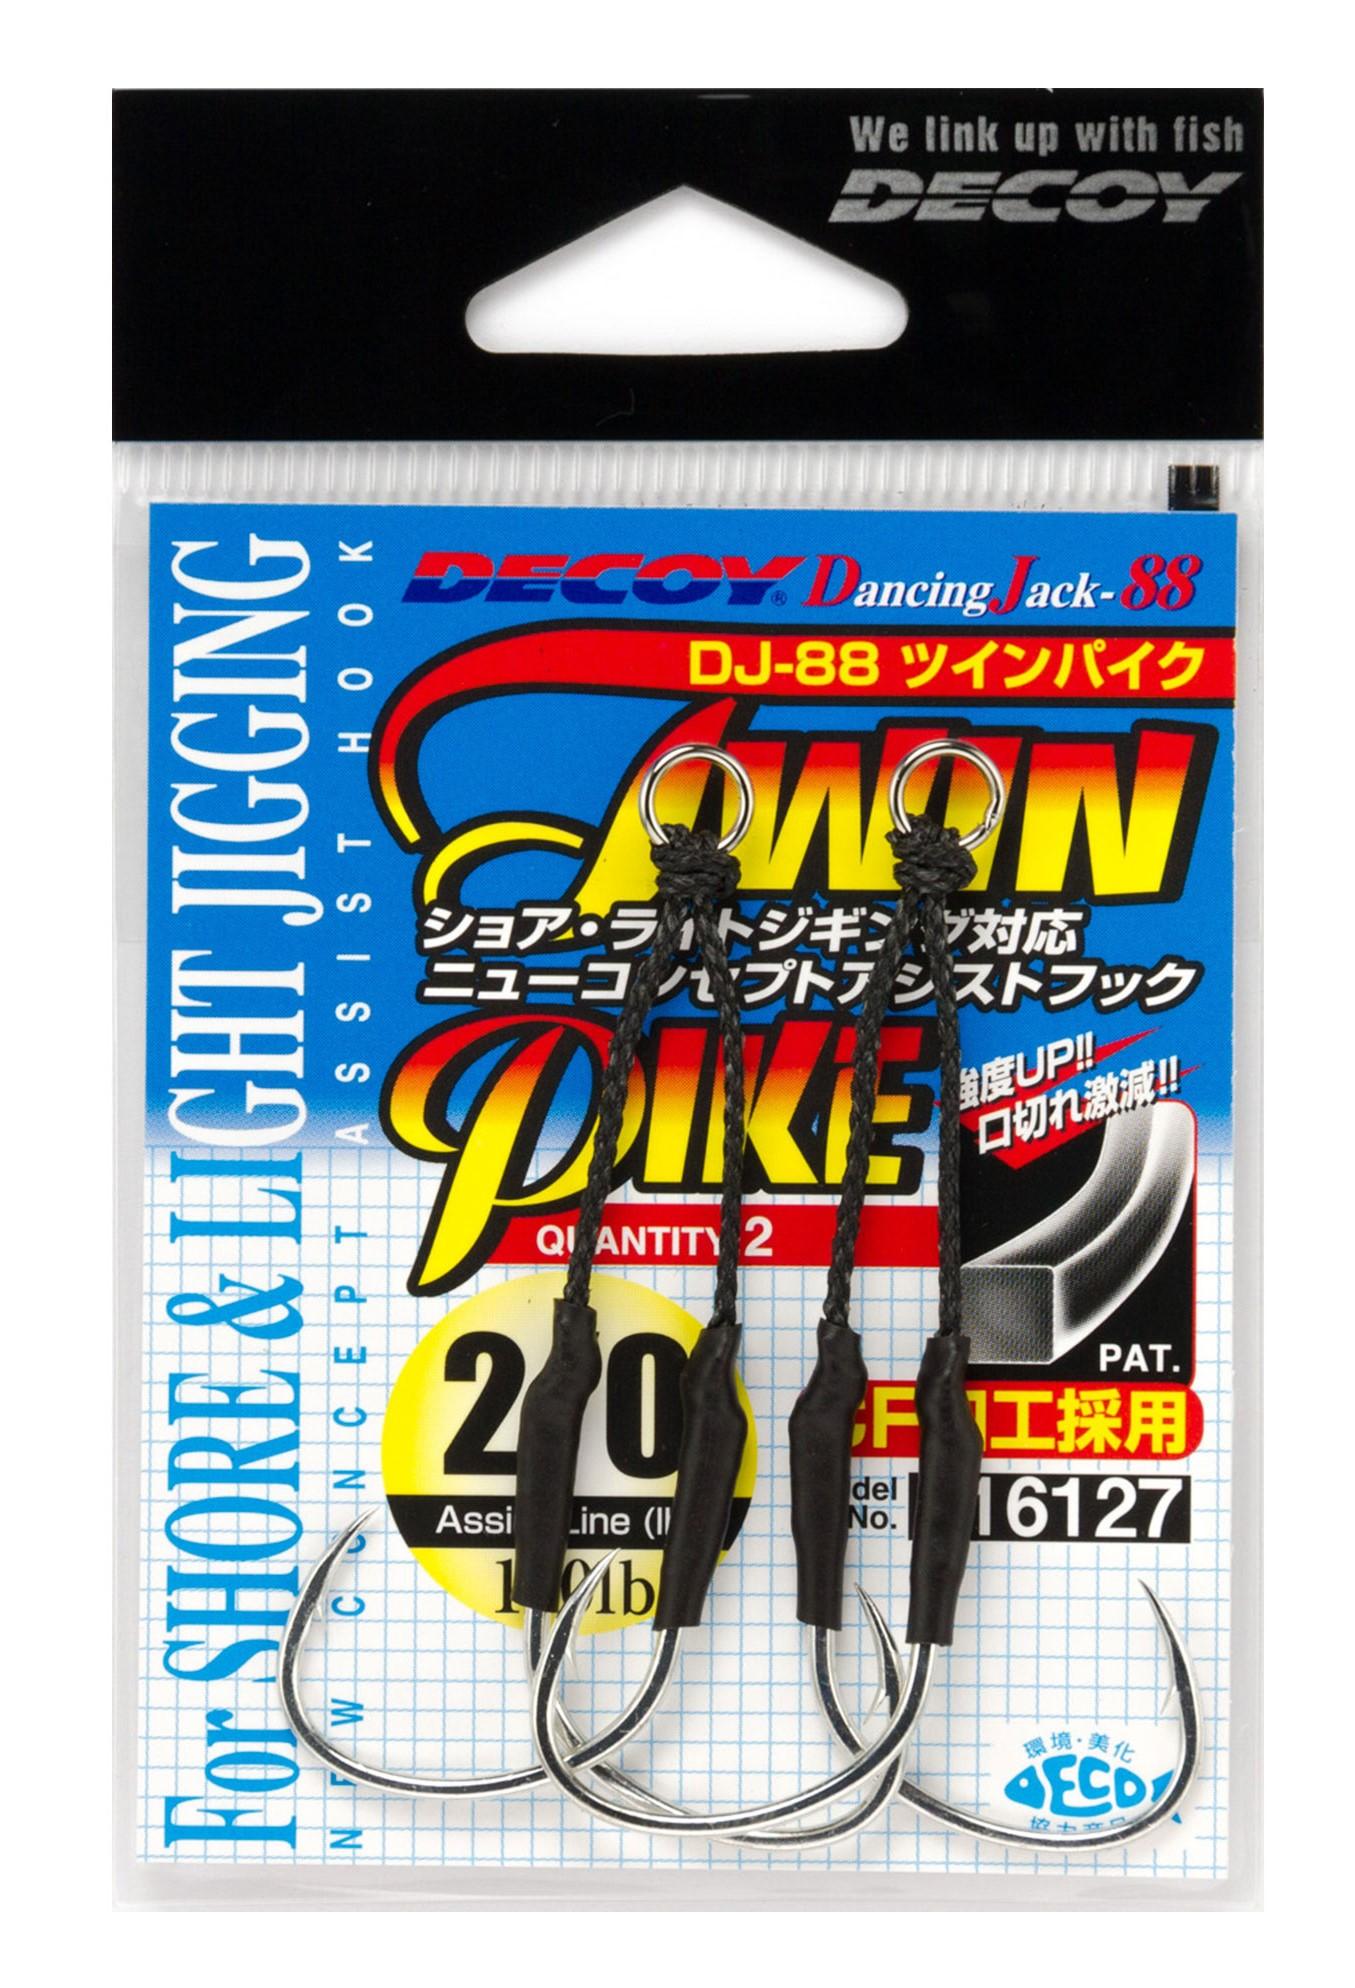 5枚セット カツイチ Decoy アシストフック ツインパイク 0 kset0165 katu-af 推奨 DJ-88 スーパーセール #2~3